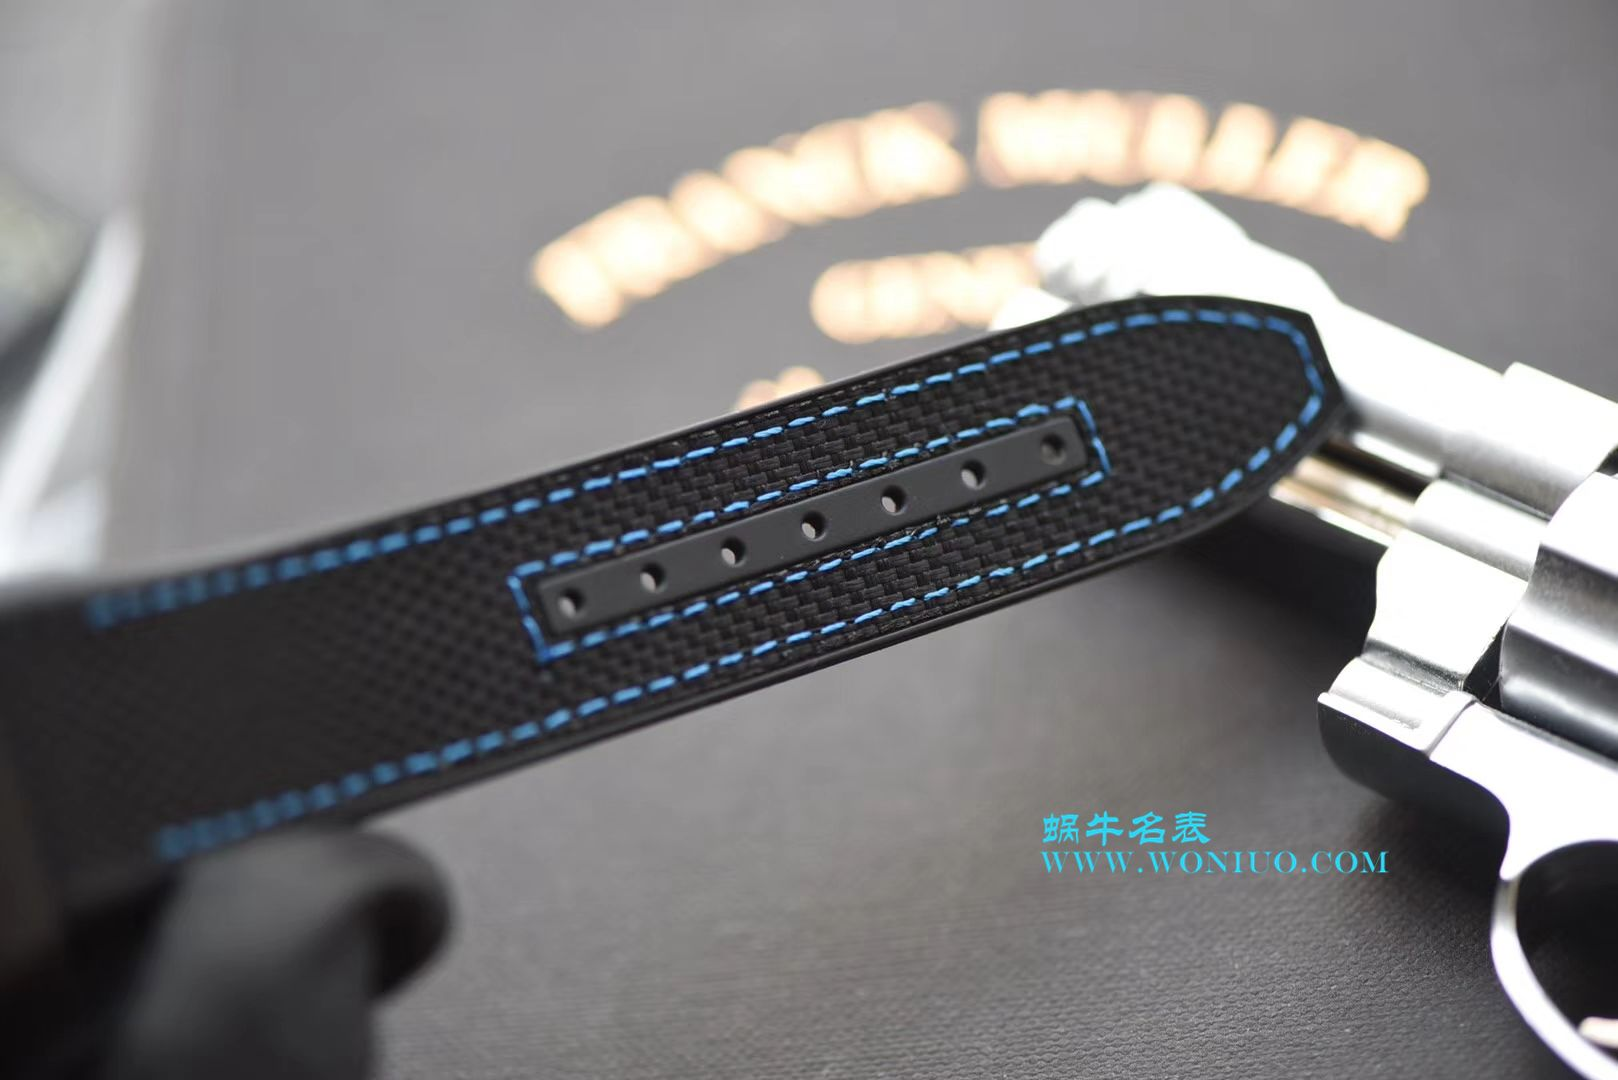 法穆兰FRANCK MULLER再创新作V45在夜幕低垂之时,Vanguard Carbon  fibre 展现充满未来感的外型,令人耳目一新 / FL026